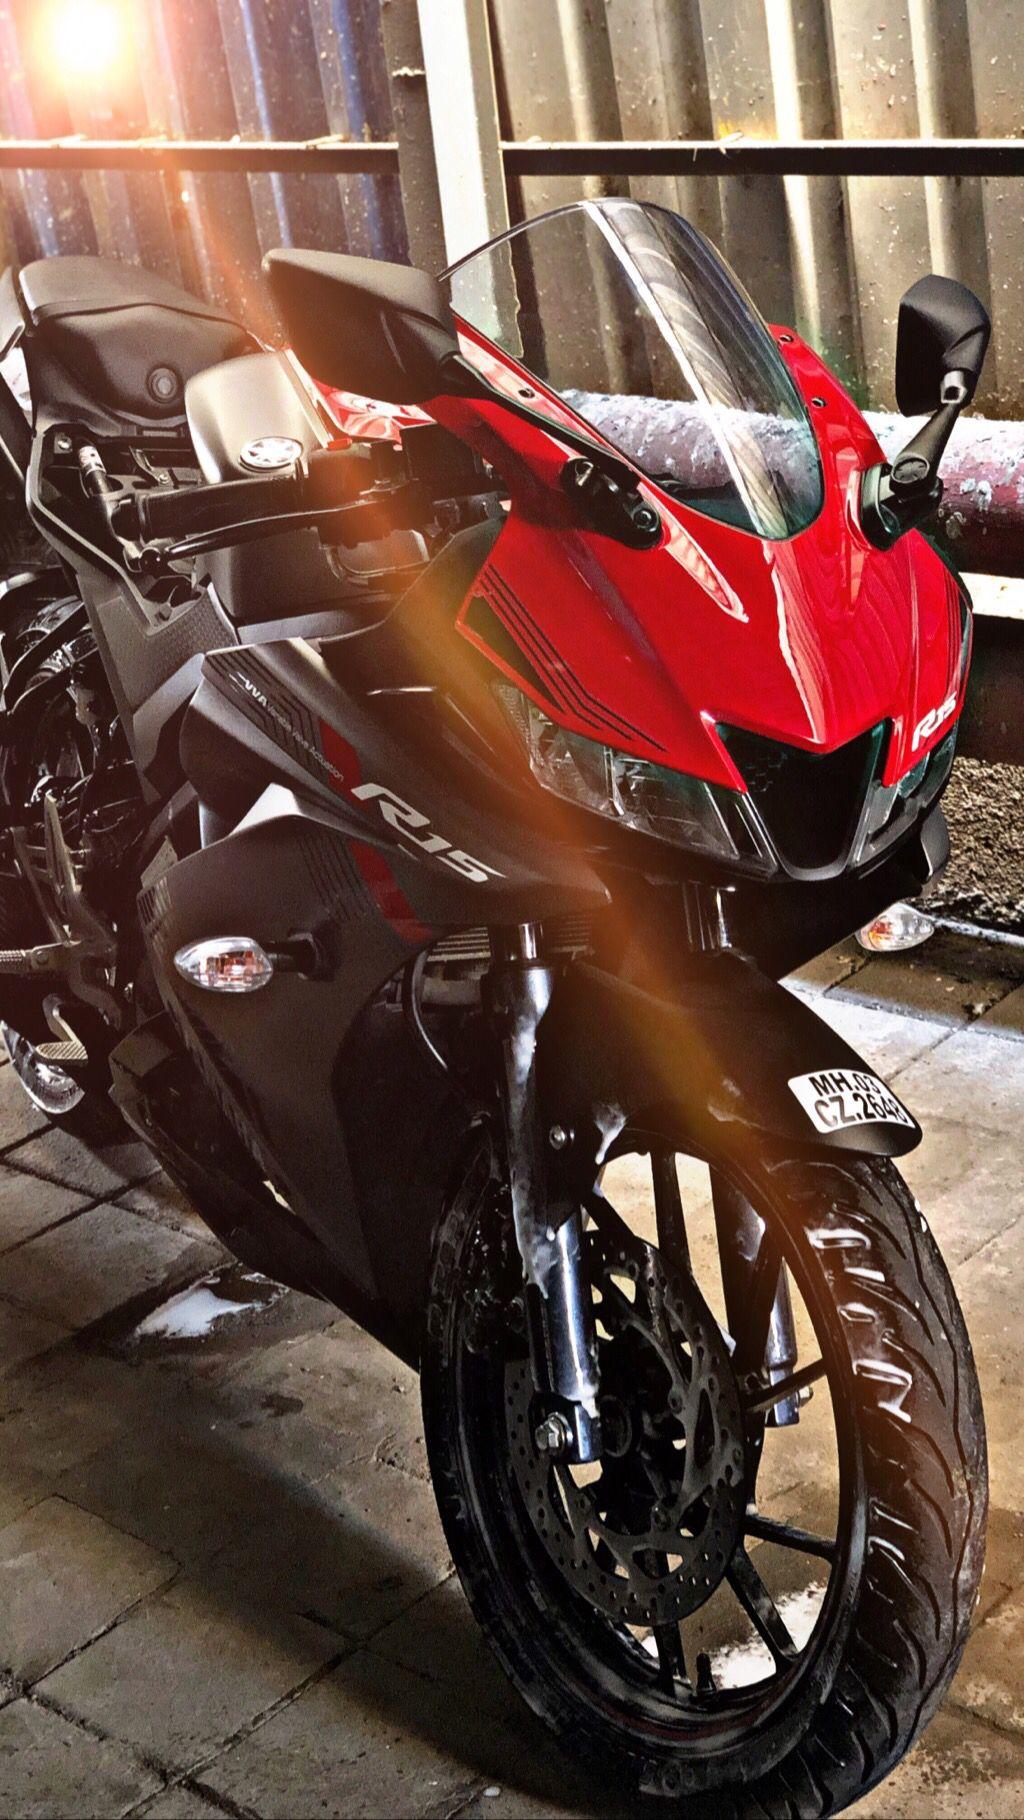 Pin By Mạnh On Wallpaper Yamaha Bikes R15 Yamaha Yamaha Motorcycles